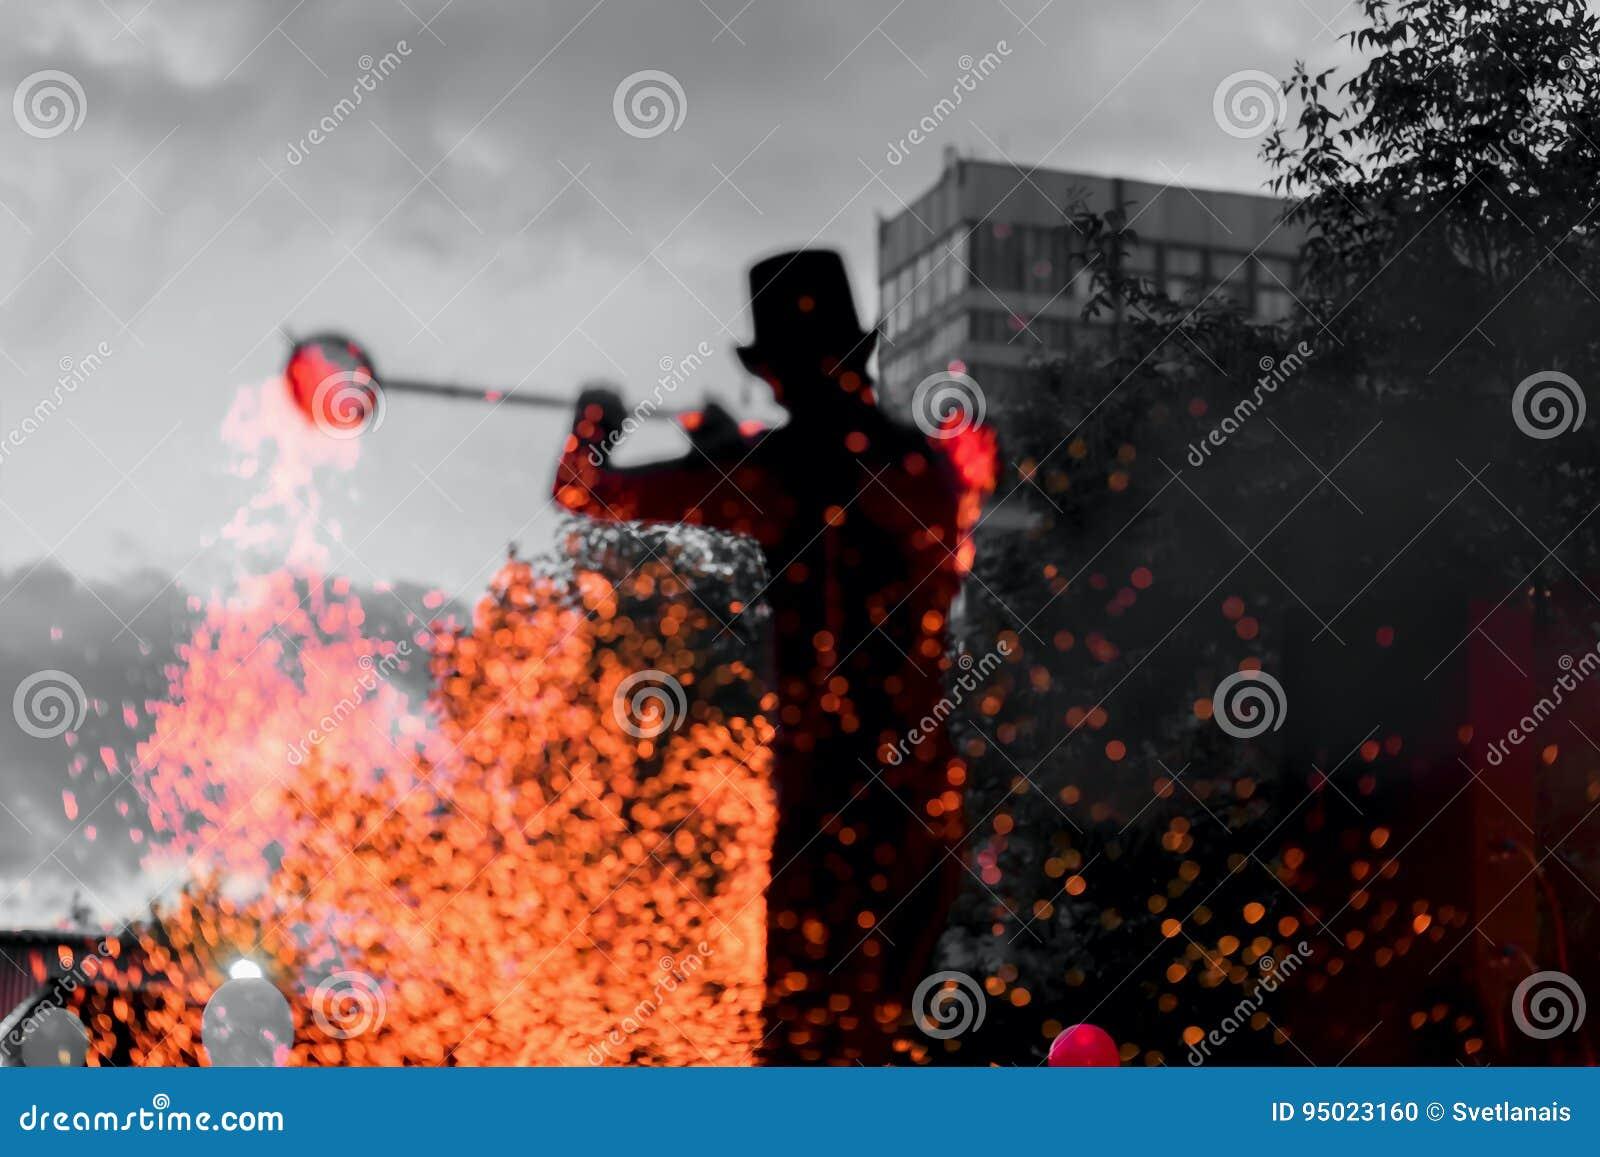 Изумительная выставка пожара на ноче Силуэт мастерского факира с работами огня Танец представления огня, волшебной концепции